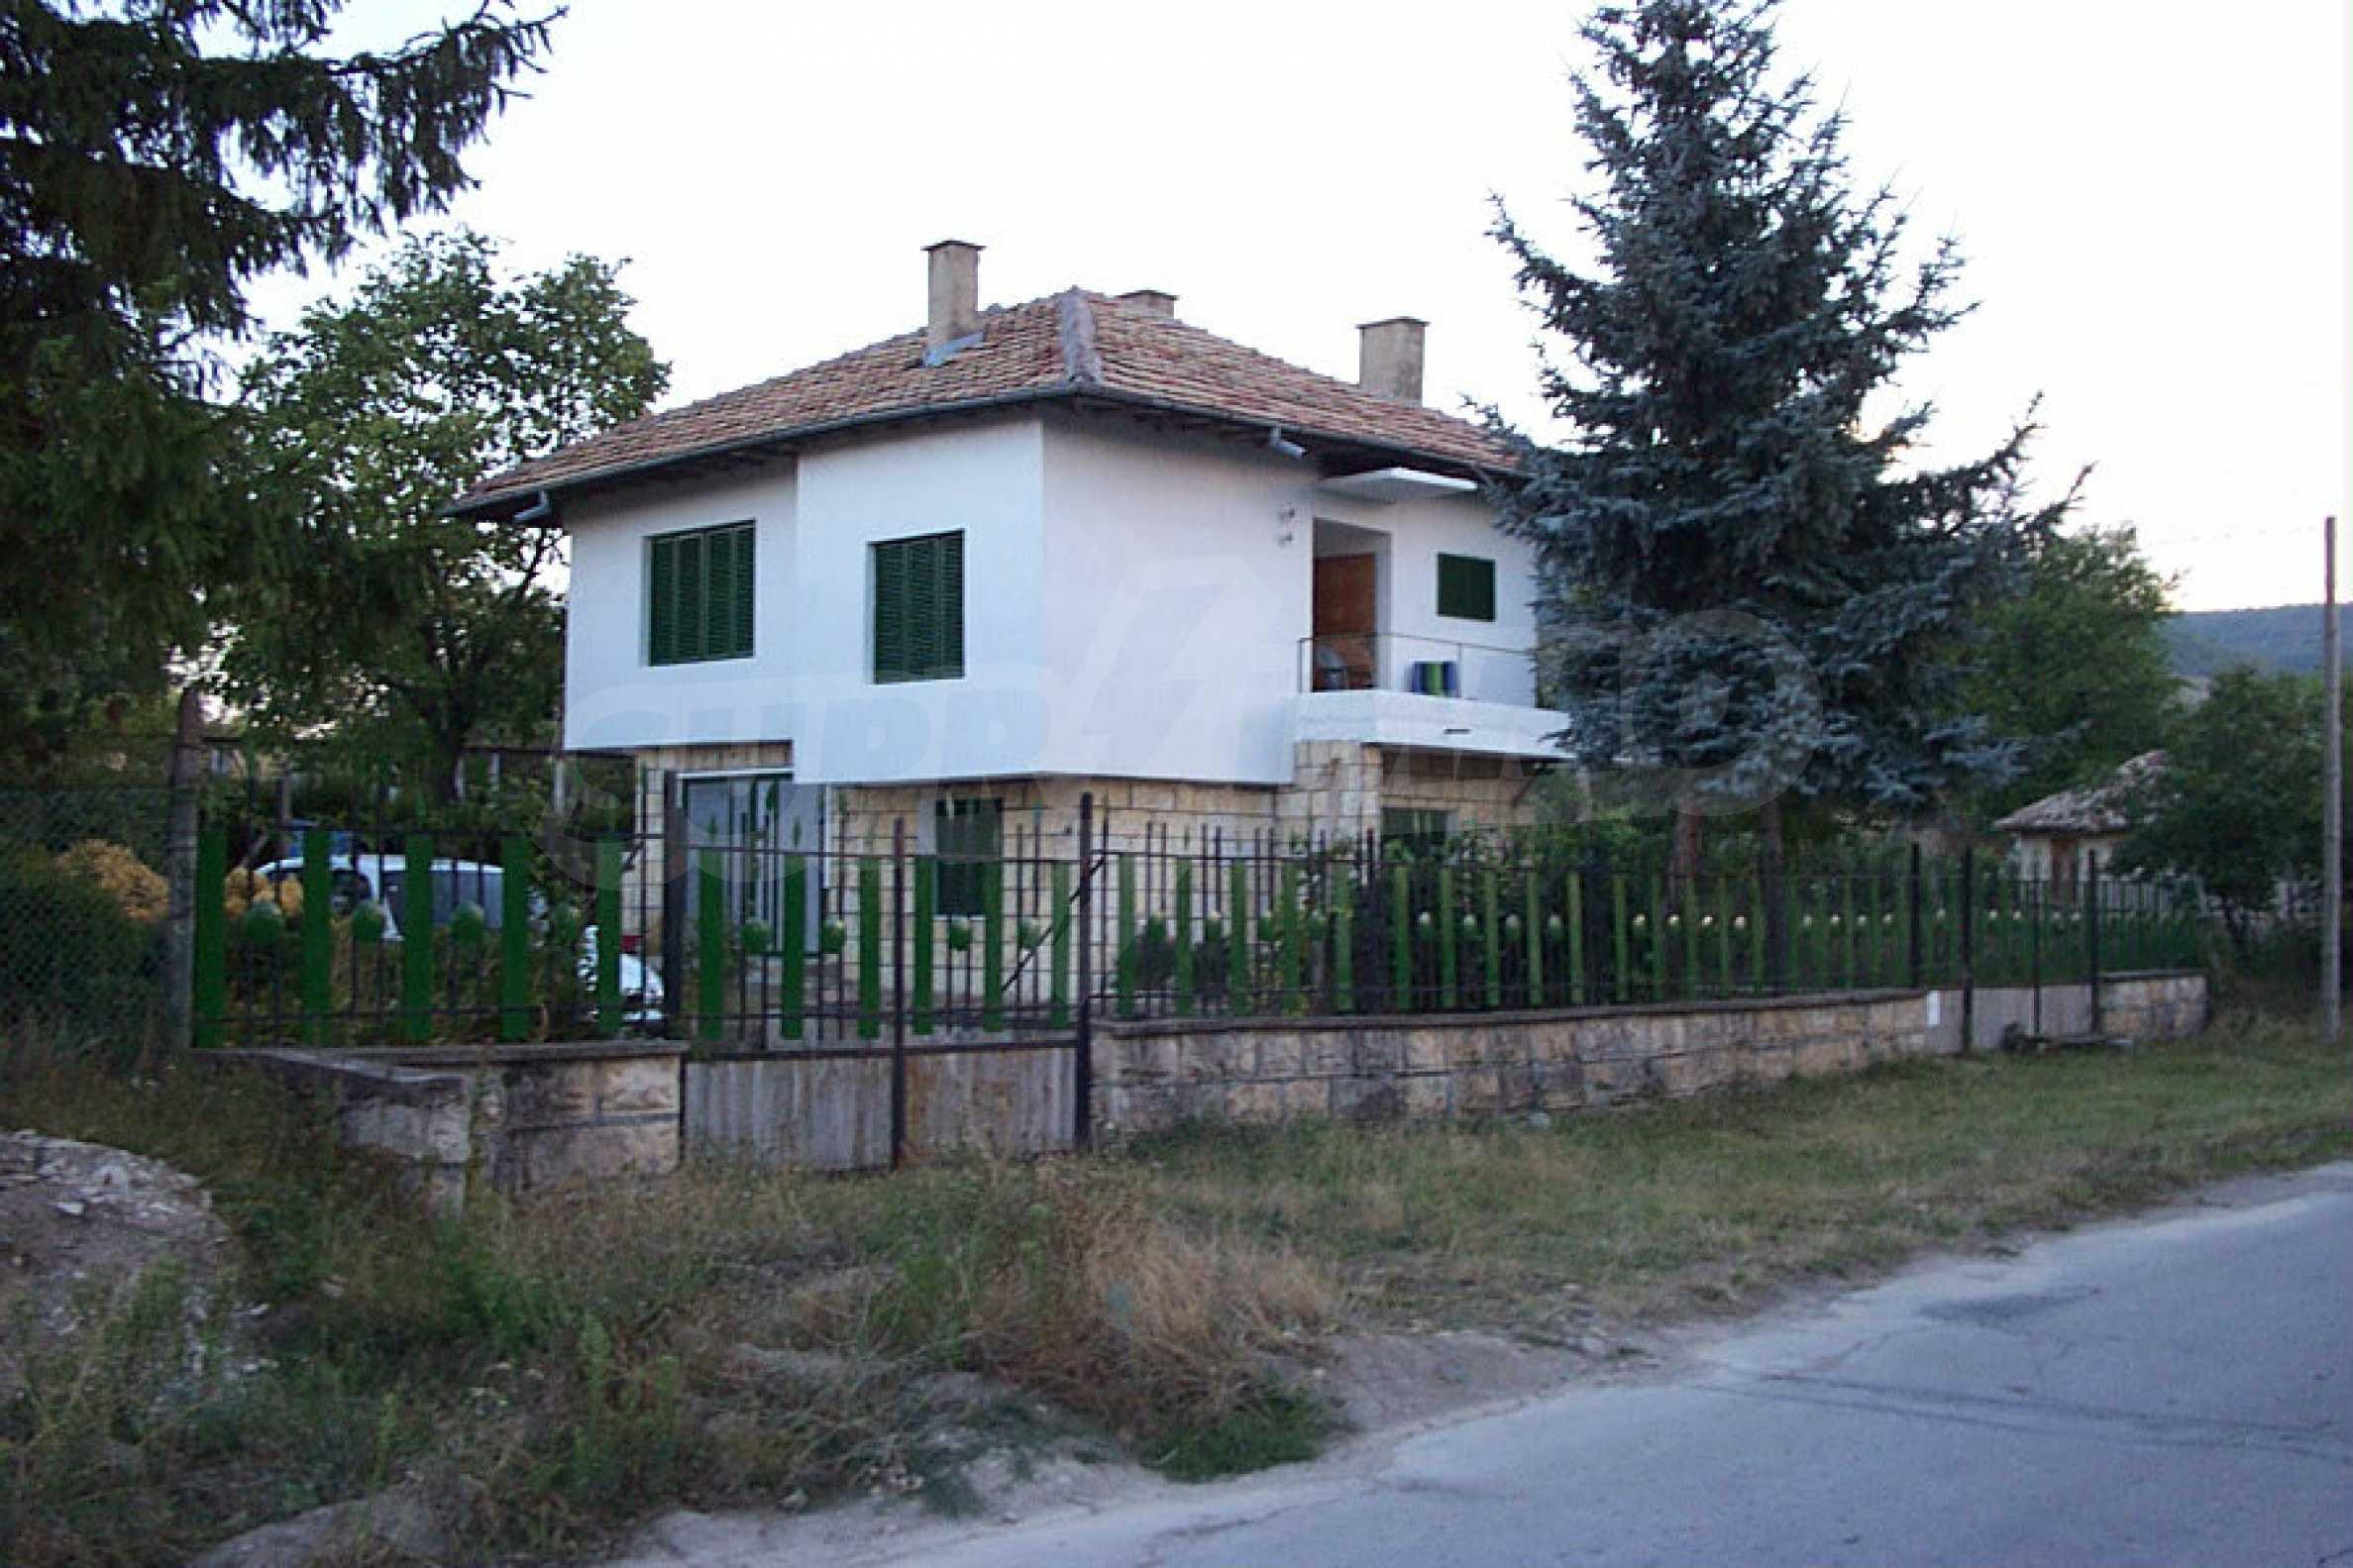 Haus in der Nähe von Novi Pazar